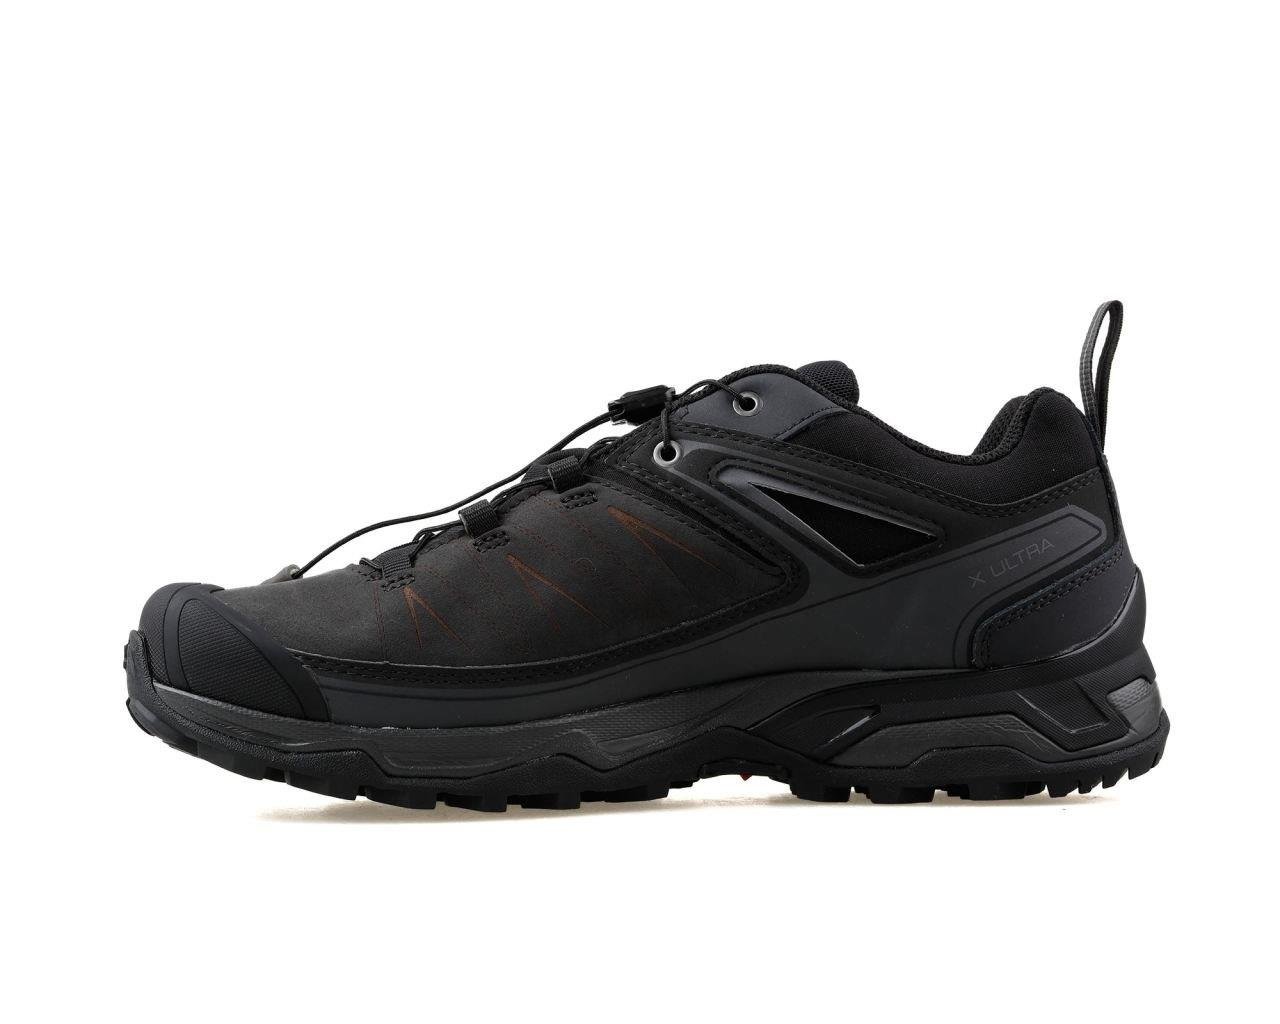 Salomon X Ultra 3 Ltr Gtx® Erkek Ayakkabı L40478400